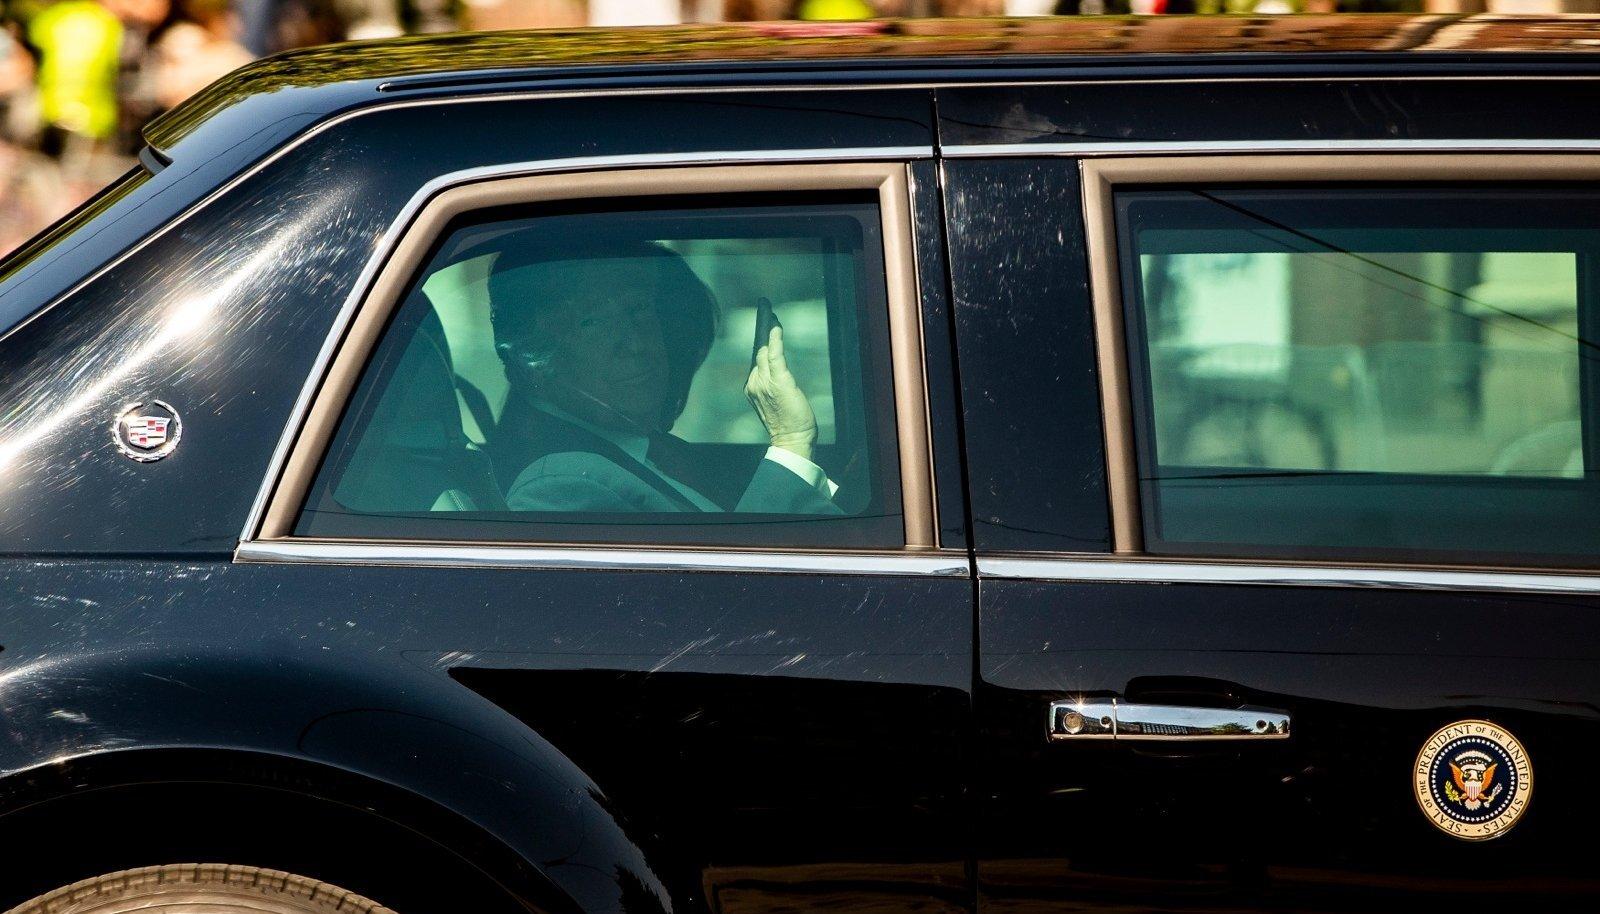 Erinevalt Venemaa presidendi Vladimir Putini sõiduvahendist lubasid Donald Trumpi auto klaasid fotoobjektiivil ka salongi piiluda ja seal istuvat maailma olulisima riigi juhti jäädvustada.